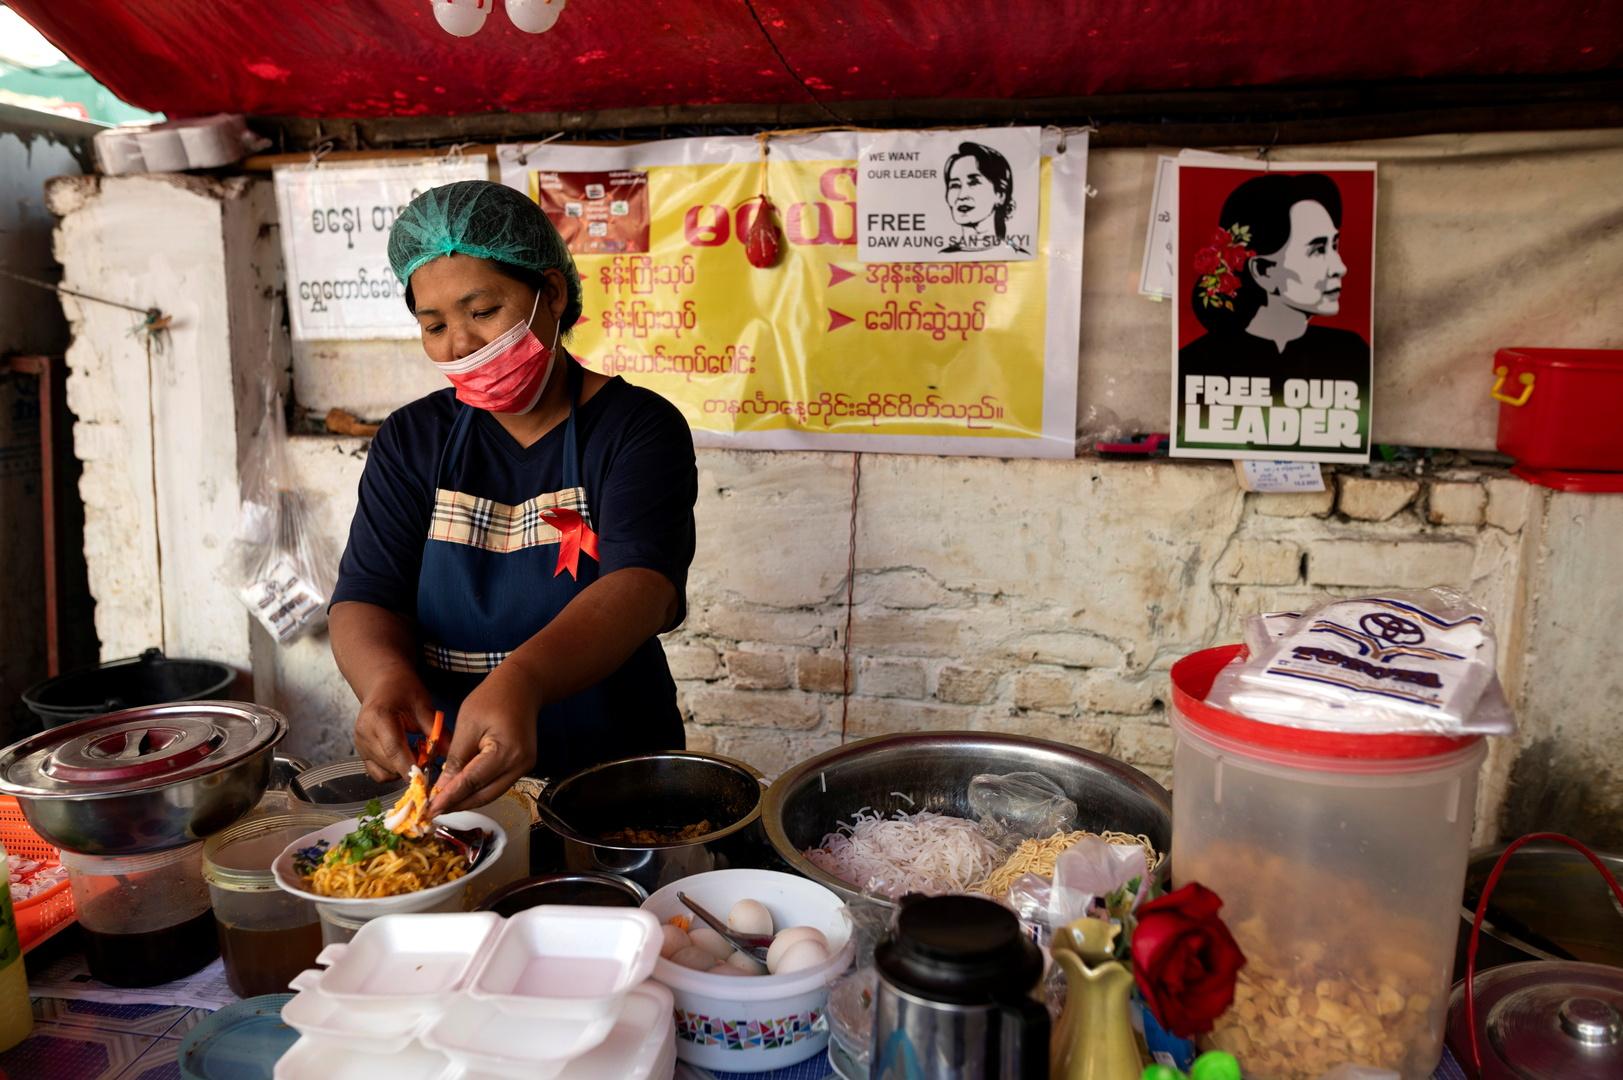 امرأة تطبخ في كشك للطعام عليه ملصقات ضد الانقلاب العسكري في يانغون، ميانمار، 16 فبراير 2021